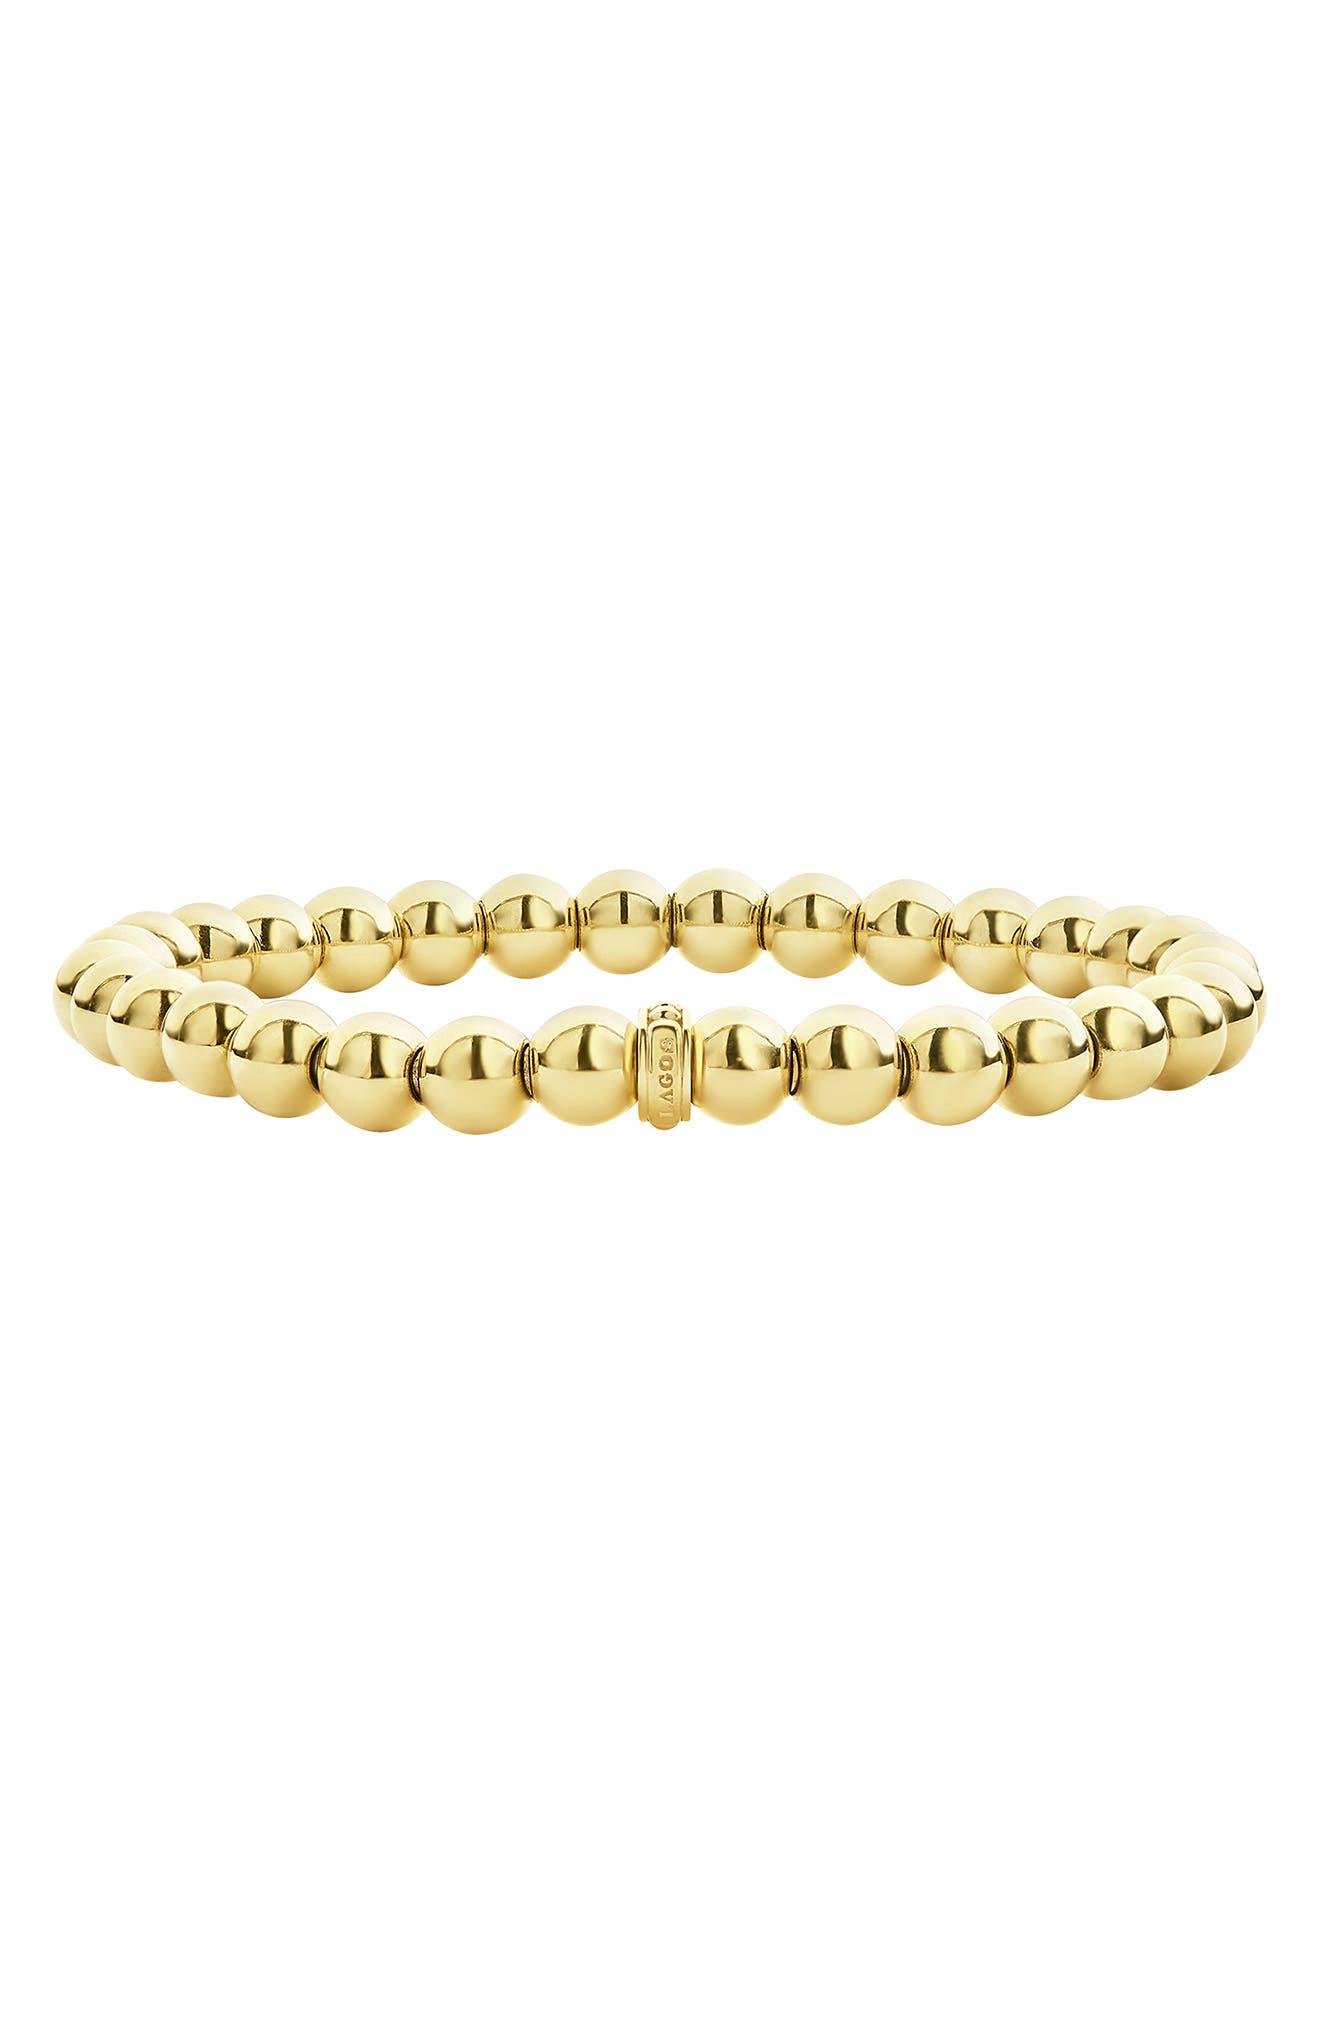 Caviar Gold Ball Stretch Bracelet,                         Main,                         color, Gold